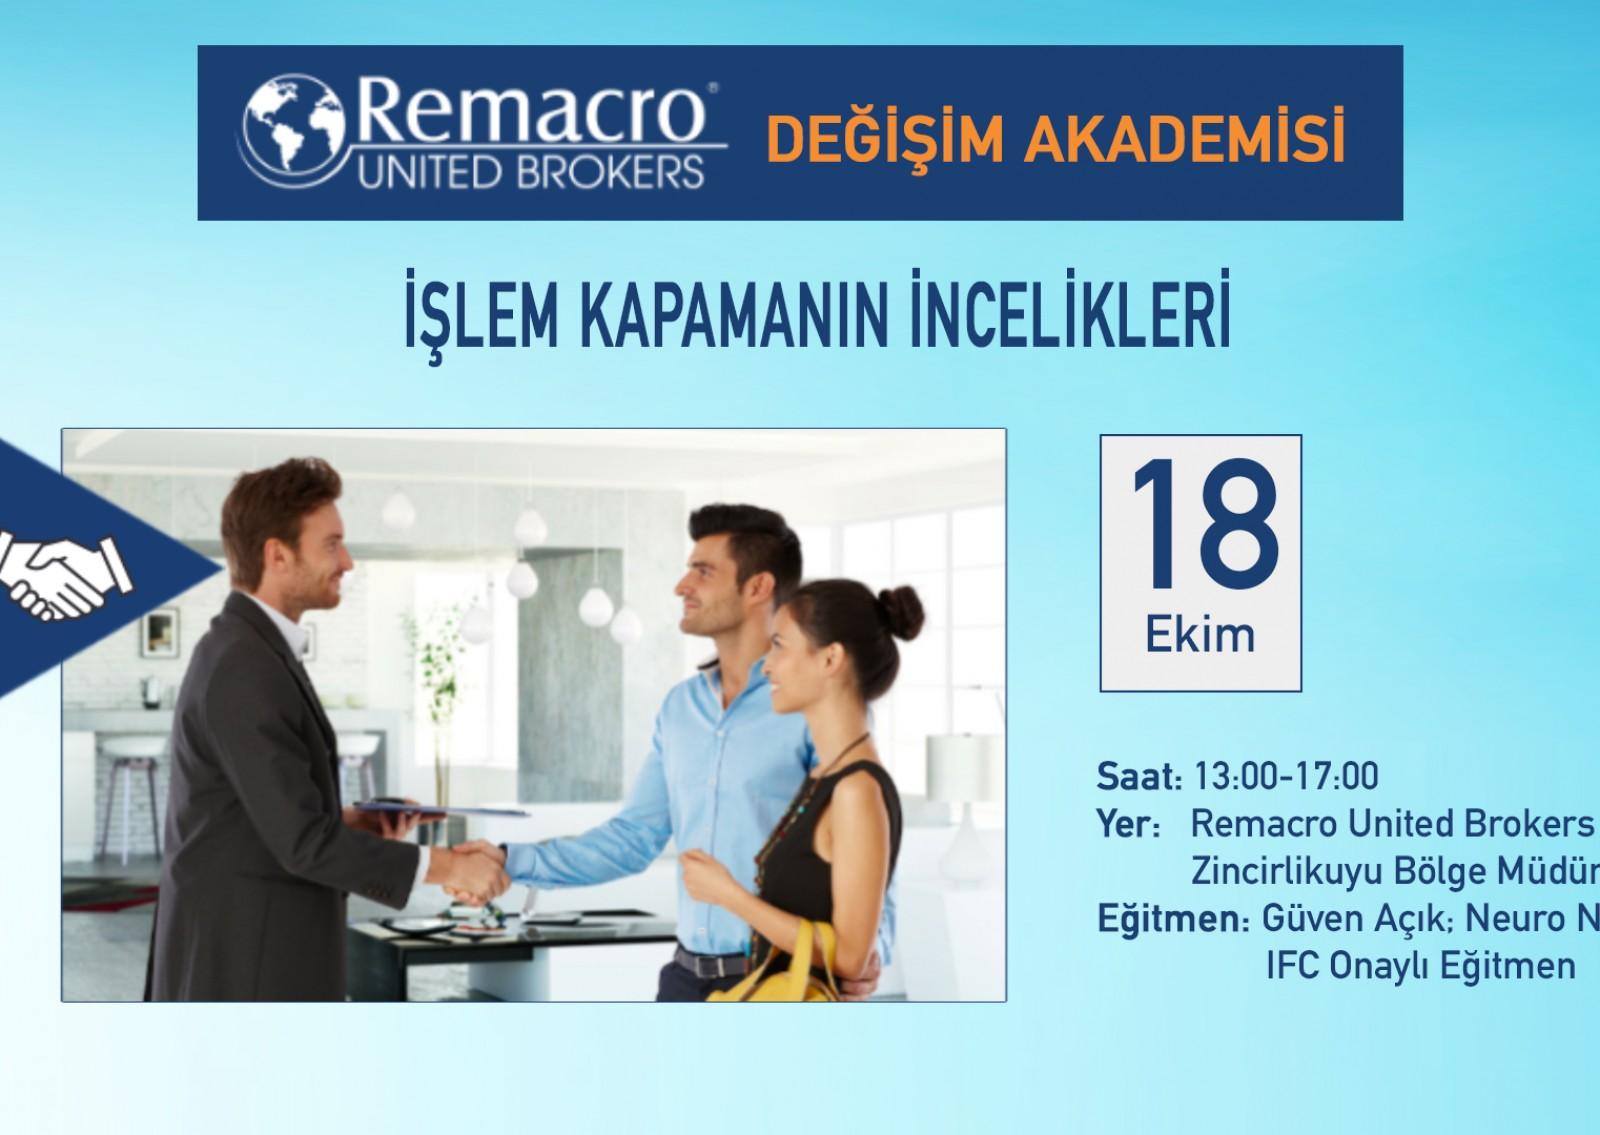 REMACRO DEĞİŞİM AKADEMİSİ 3.Eğitim İçin Hazırlanıyor!